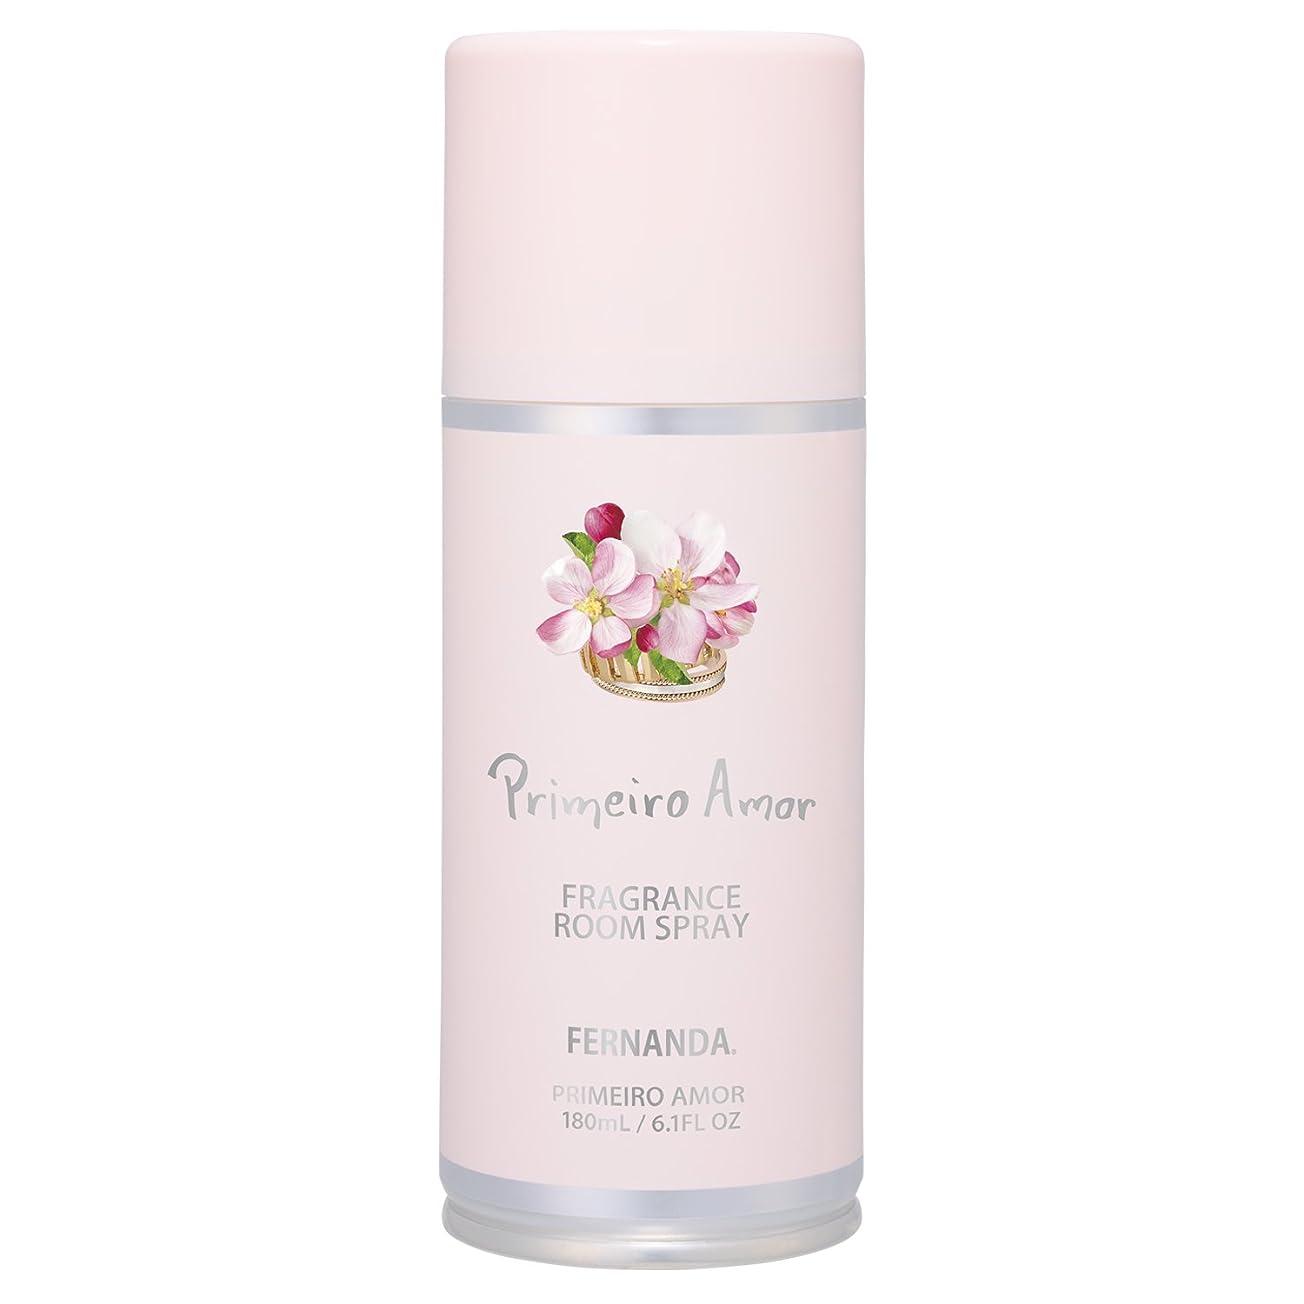 比較的修理工懇願するFERNANDA(フェルナンダ) Room Spray Primeiro Amor(ルームスプレー プリメイロアモール)